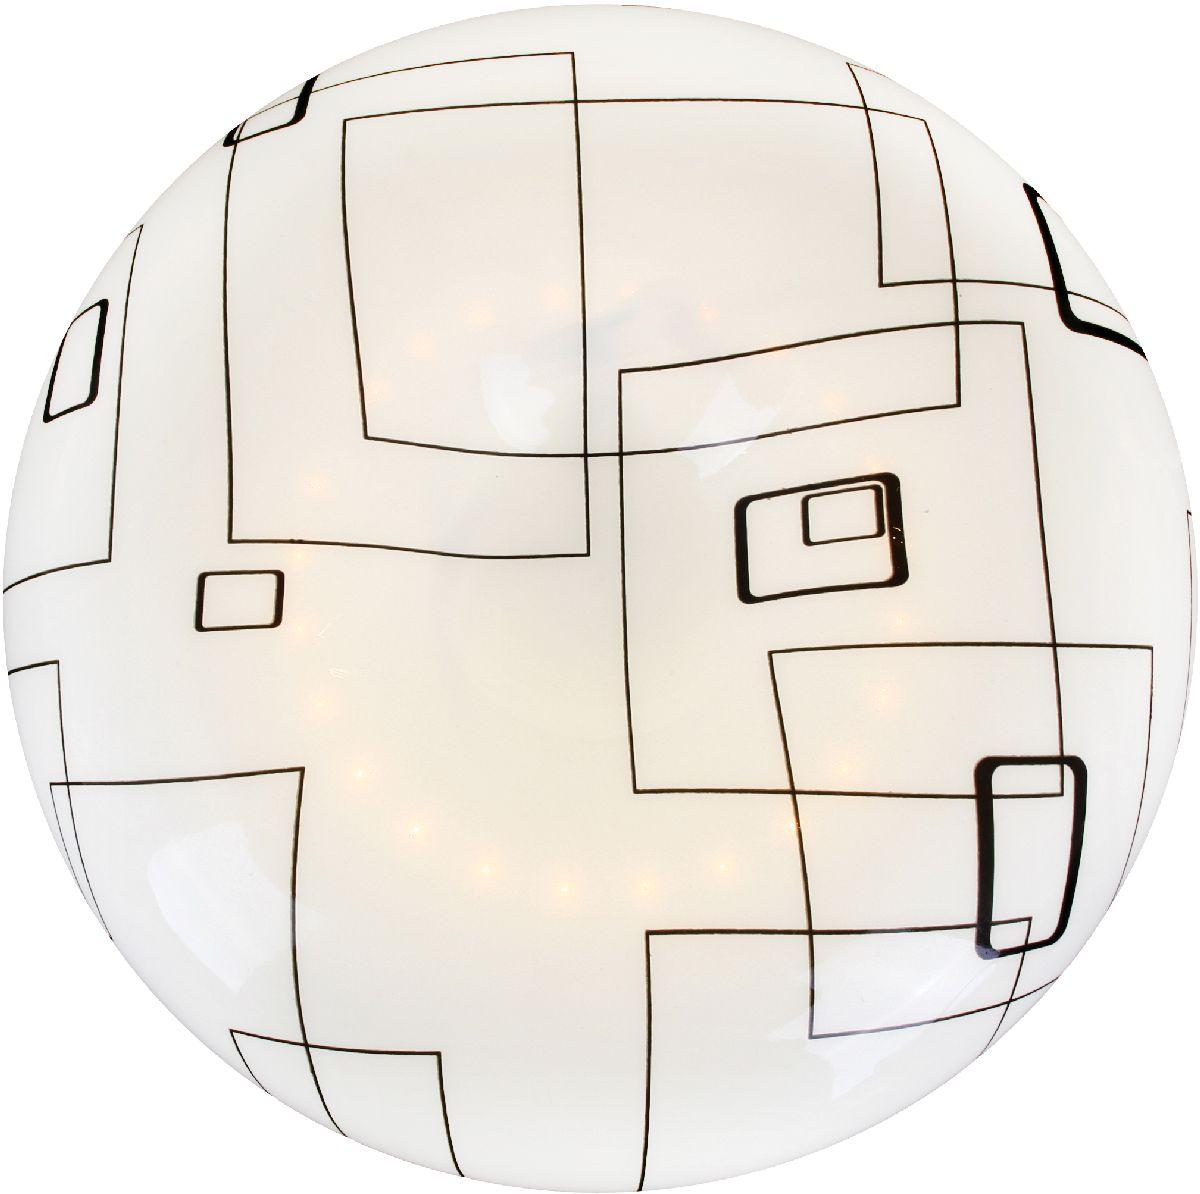 Светильник настенно-потолочный Camelion LBS-0602, LED, 18W, 4500K. 1268712687Светильник Camelion LBS-0602 - накладной настенно-потолочный осветительный прибор, который станет прекрасным вариантом для освещения как жилых комнат, так и коммерческих зданий. Идеален для монтажа в помещениях с невысокими потолками. Данная модель выполнена на основе энергоэффективных светодиодных ламп, излучающих яркое, равномерное свечение без эффекта мерцания.Характеристики: Напряжение питания : 220-230 В, 50Гц Световой поток: 960 Лм Размеры: 260 х 80 ммСтепень защиты: IP30 Цветовая температура: 4500 KИсточник света: светодиодыКрепление: потолочное, настенноеВид ламп: светодиоднаяМаксимальная мощность ламп: 18WМатериал плафона: пластикПоверхность плафона/арматуры: глянцевая.